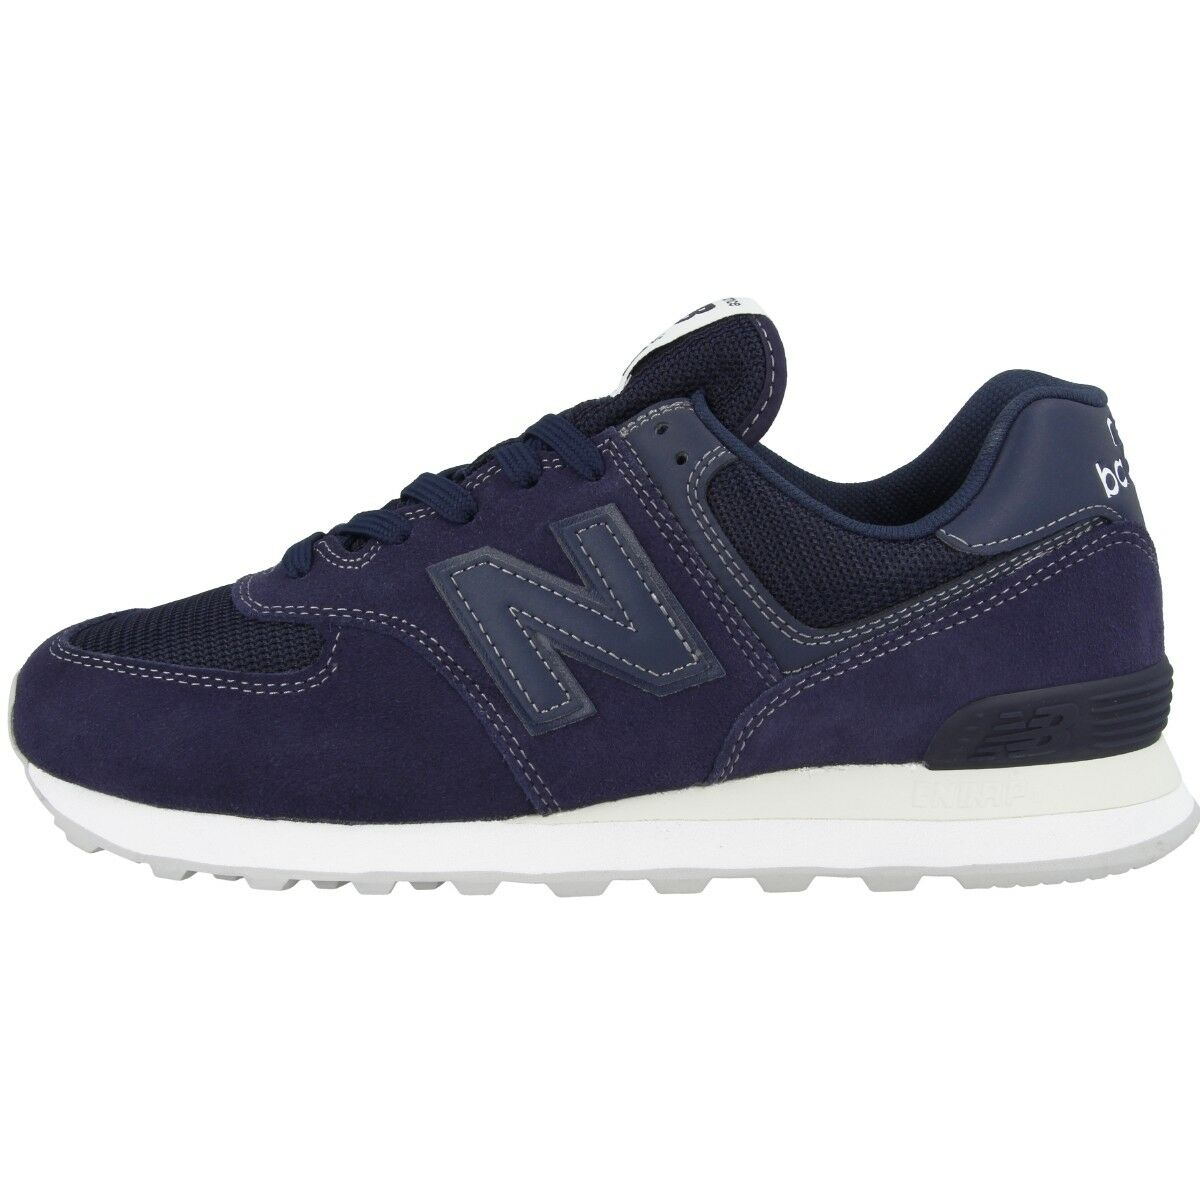 New Balance ML 574 ETB Sneaker Schuhe Freizeit Sport Retro Sneaker ETB pigment ML574ETB 6045de